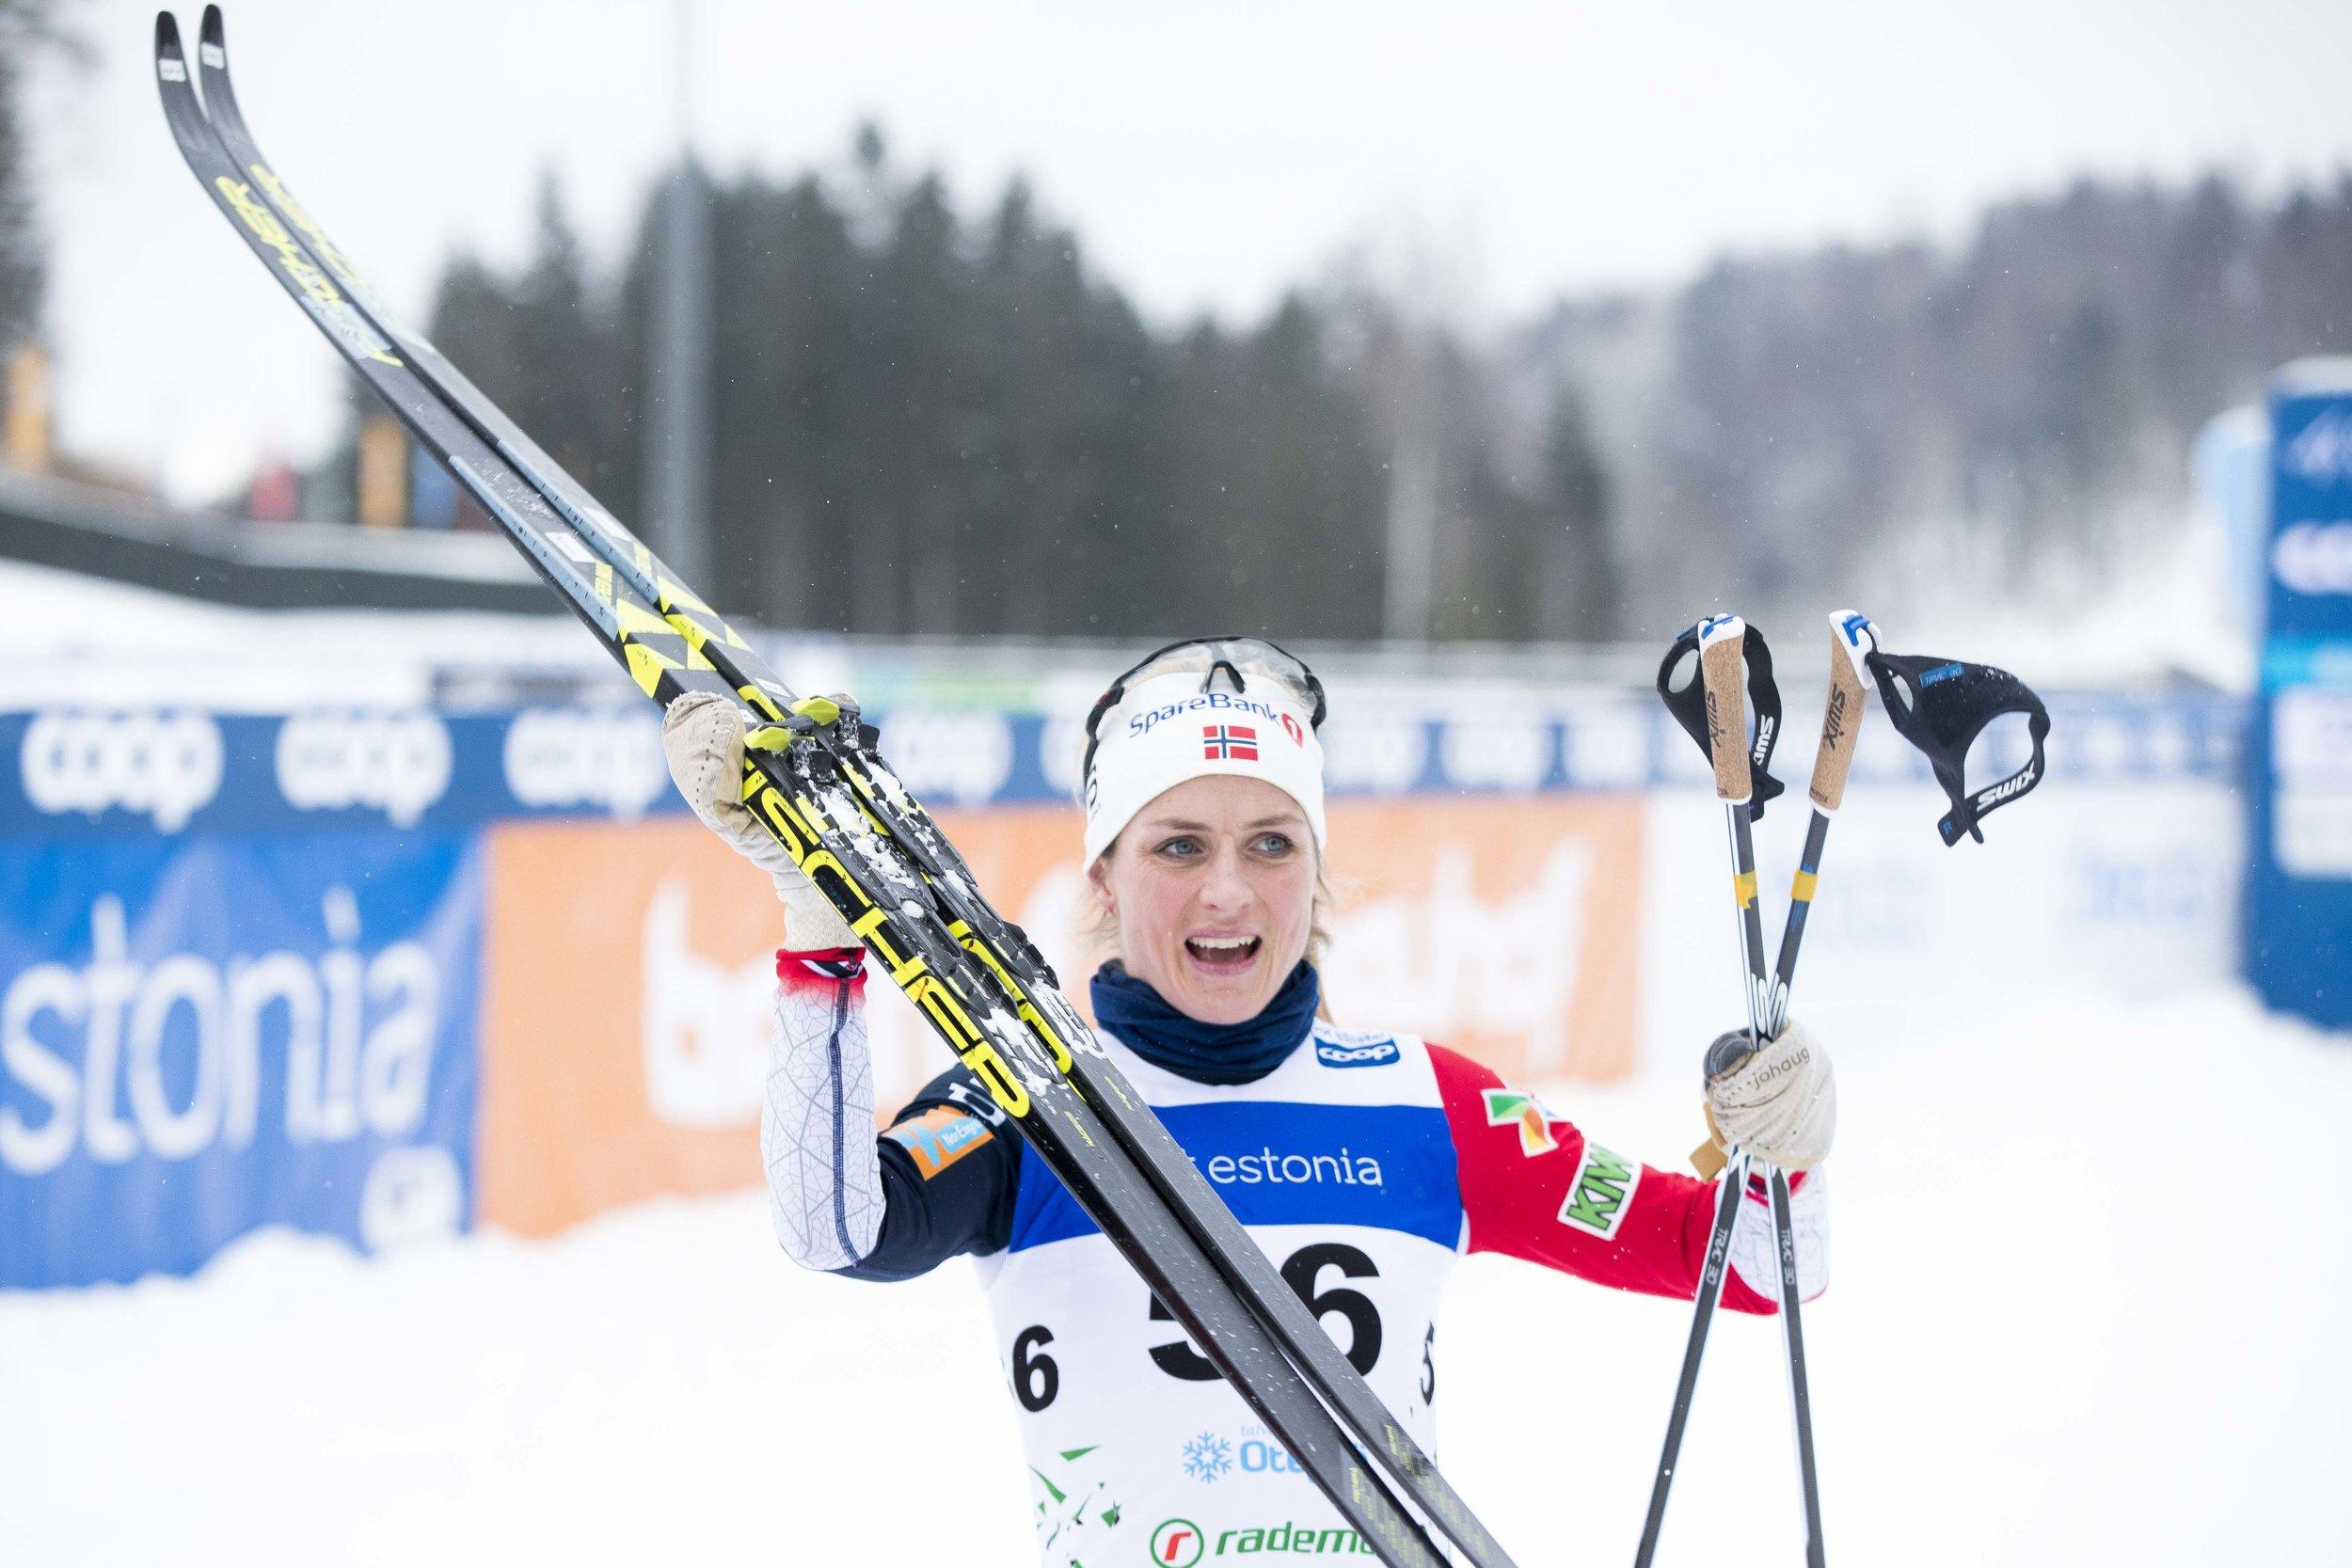 Otepää, Estland 20190120. Therese Johaug vinner under 10 km klassisk kvinner i Otepää søndag. Foto: Terje Pedersen / NTB scanpix